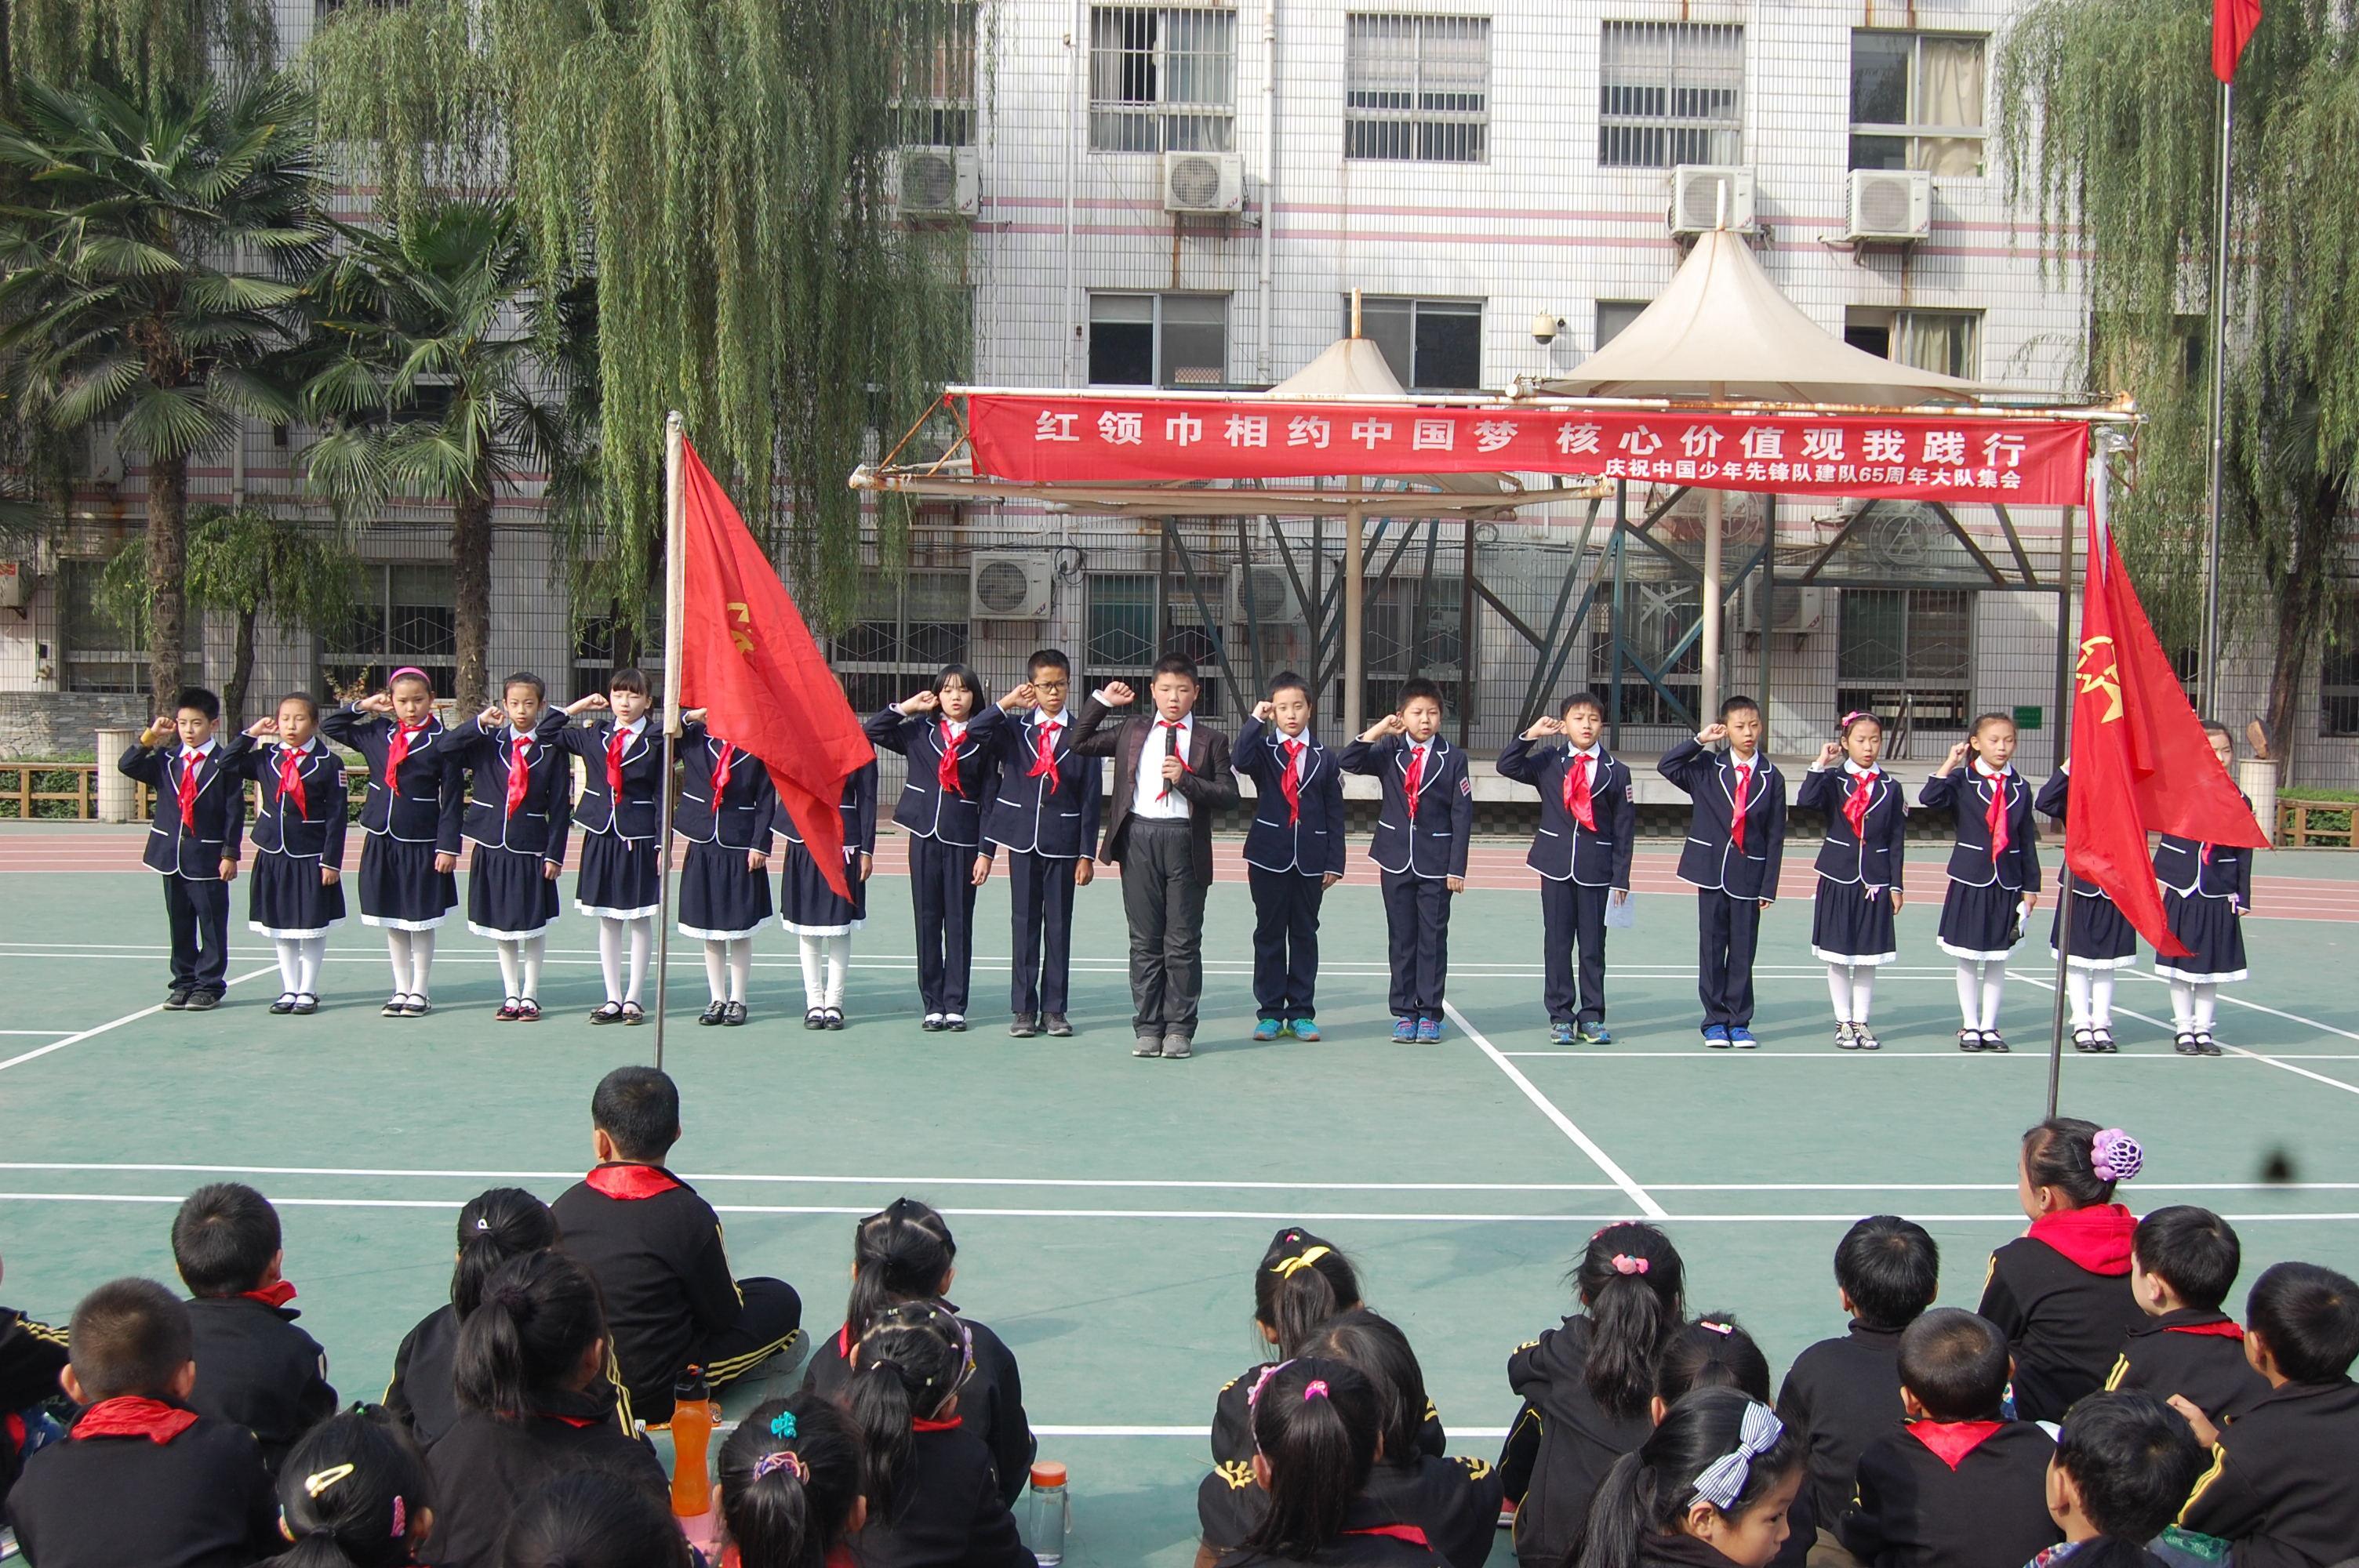 下册路小学红领巾相约中国梦一书价值观我践年级语文核心长缨小学图片